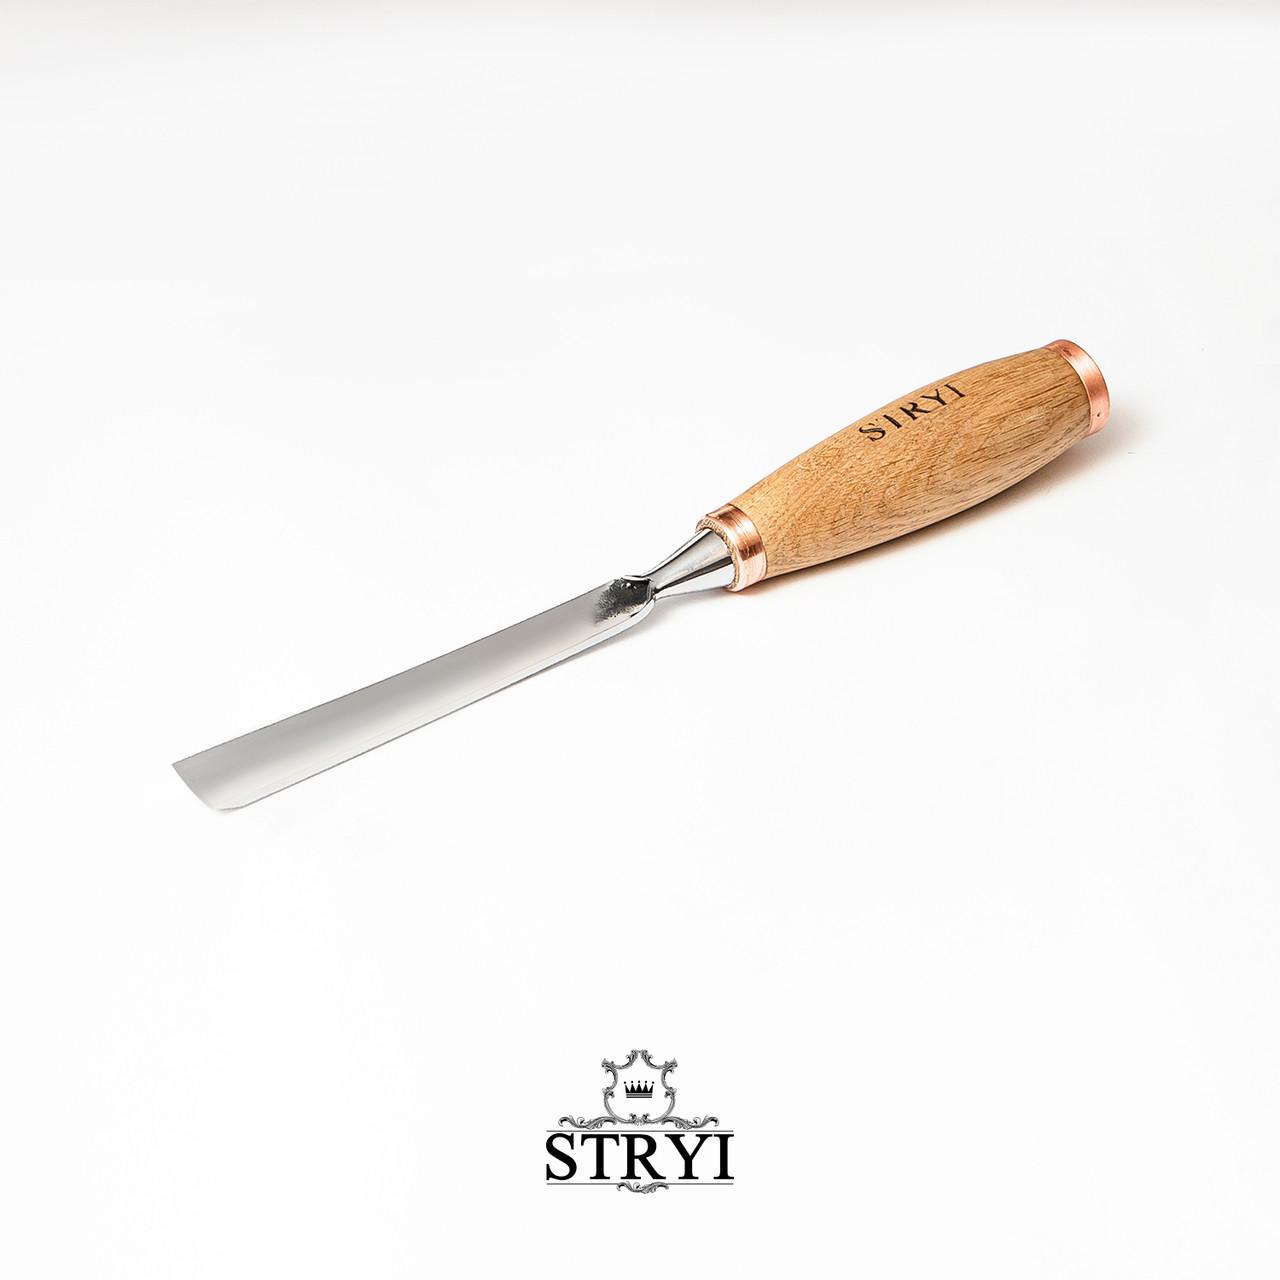 Отлогая ударная стамеска20мм №7 для резьбы по дереву от производителя STRYI